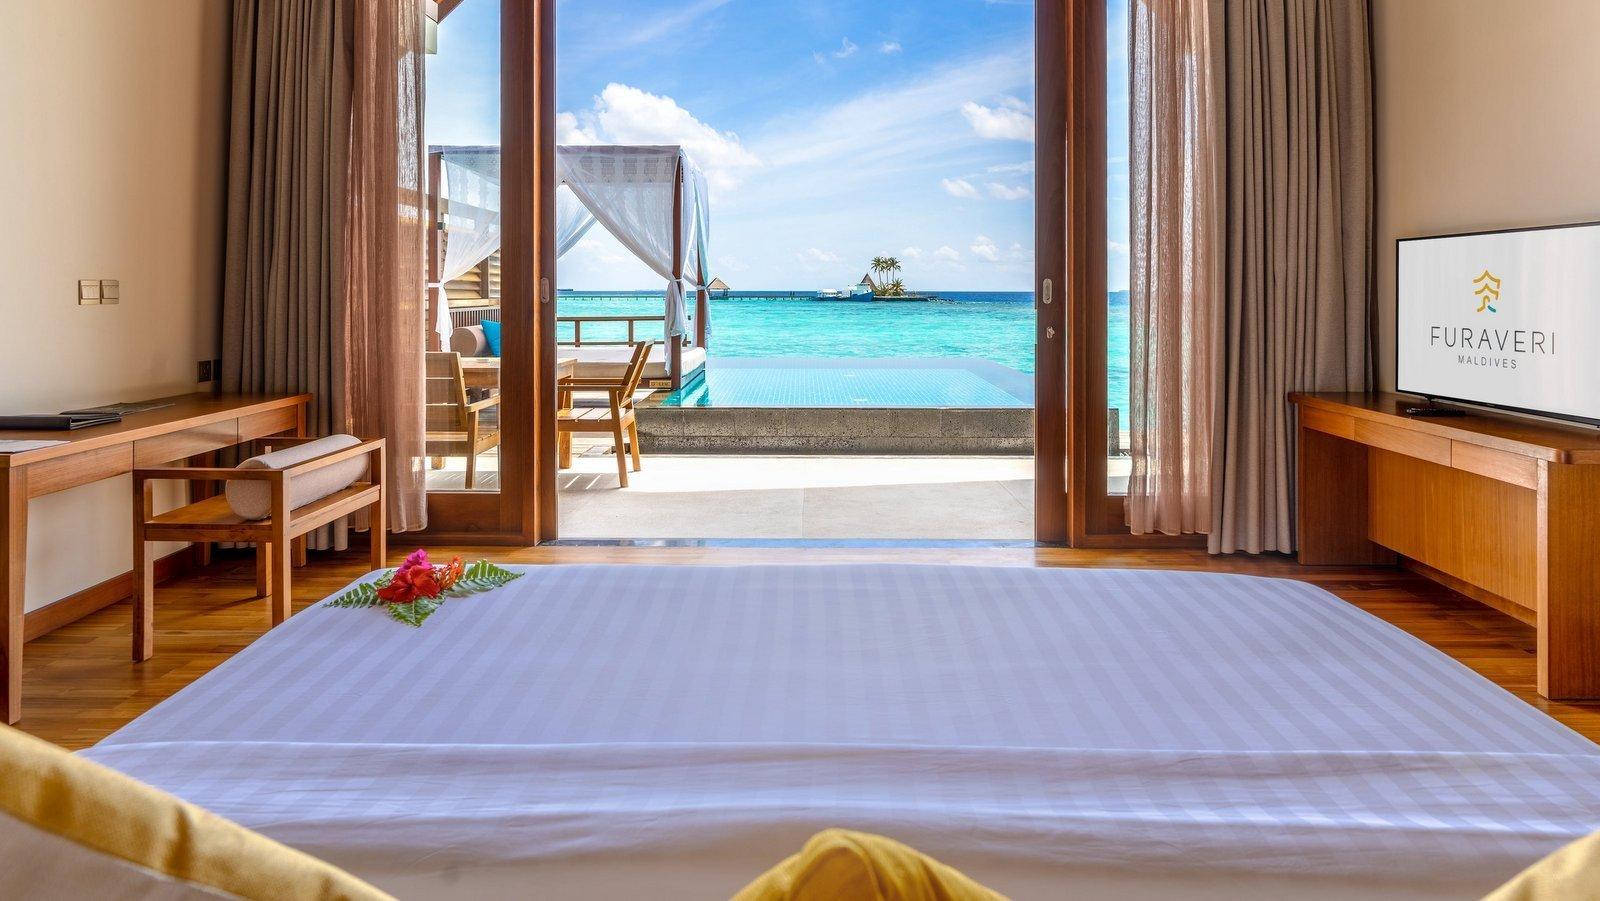 Мальдивы, отель Furaveri Island Resort, номер Ocean Pool Villa